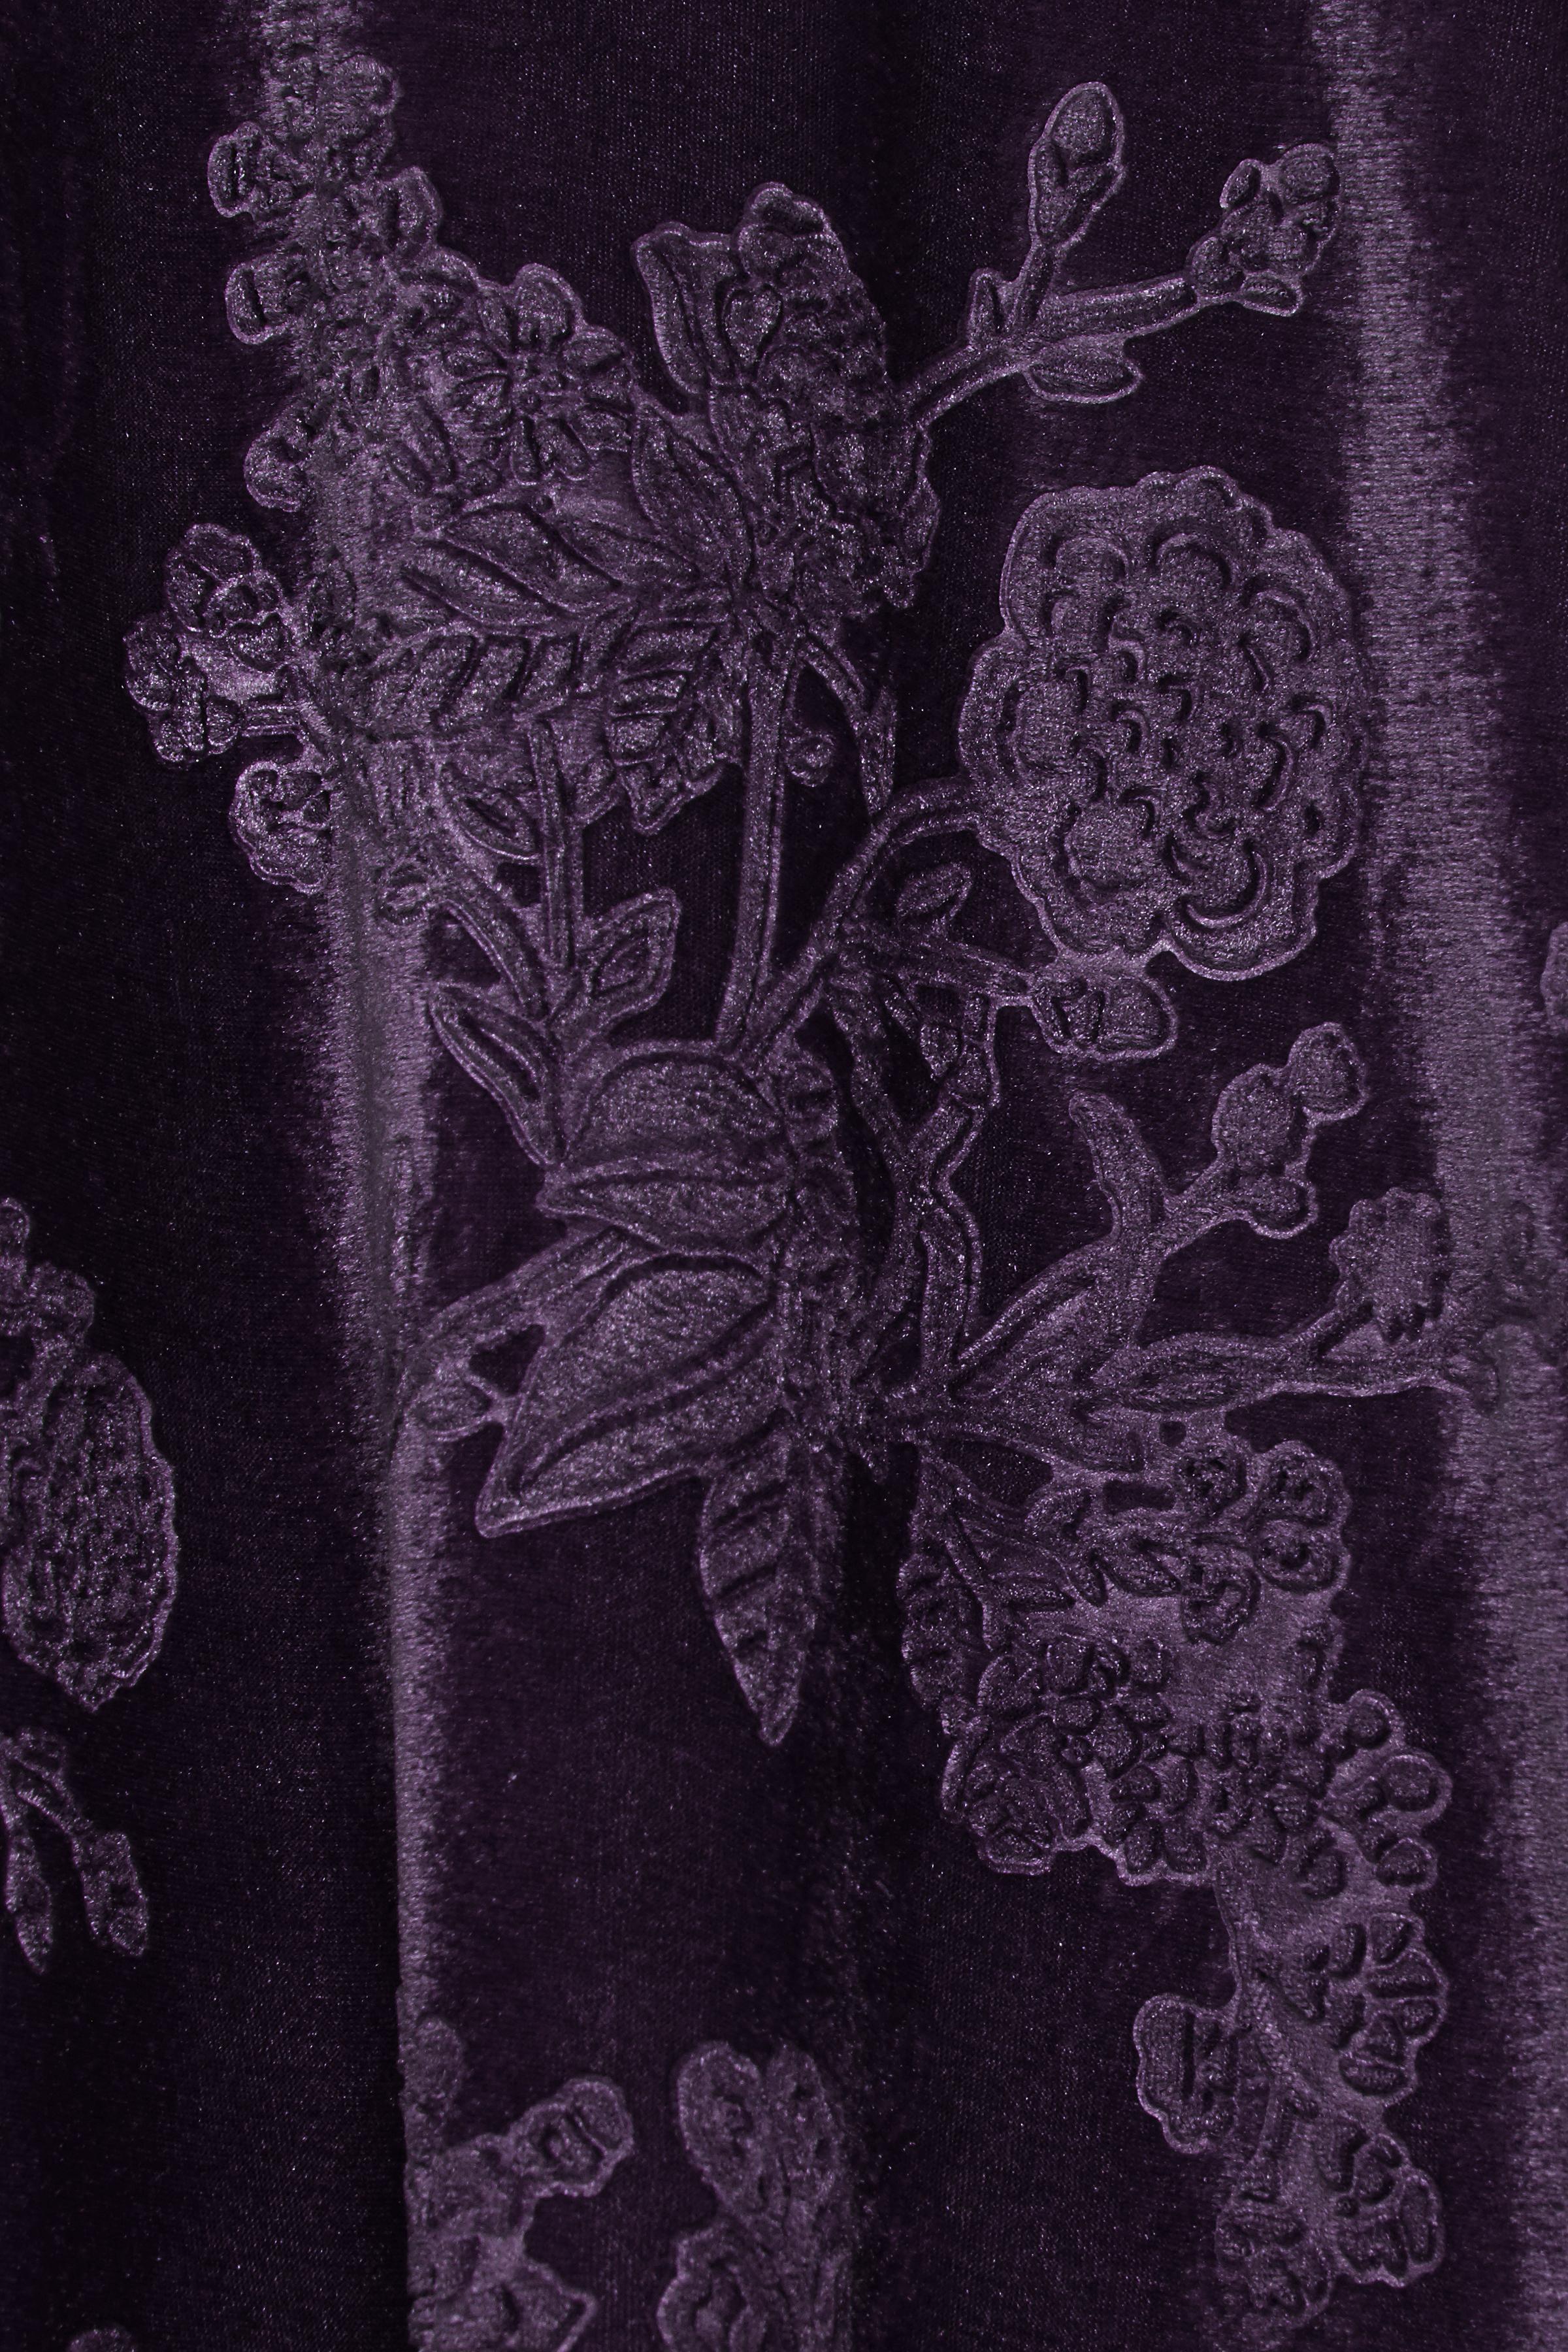 Blackberry Purple Blouse met lange mouwen van b.young – Koop Blackberry Purple Blouse met lange mouwen hier van size XS-XXL